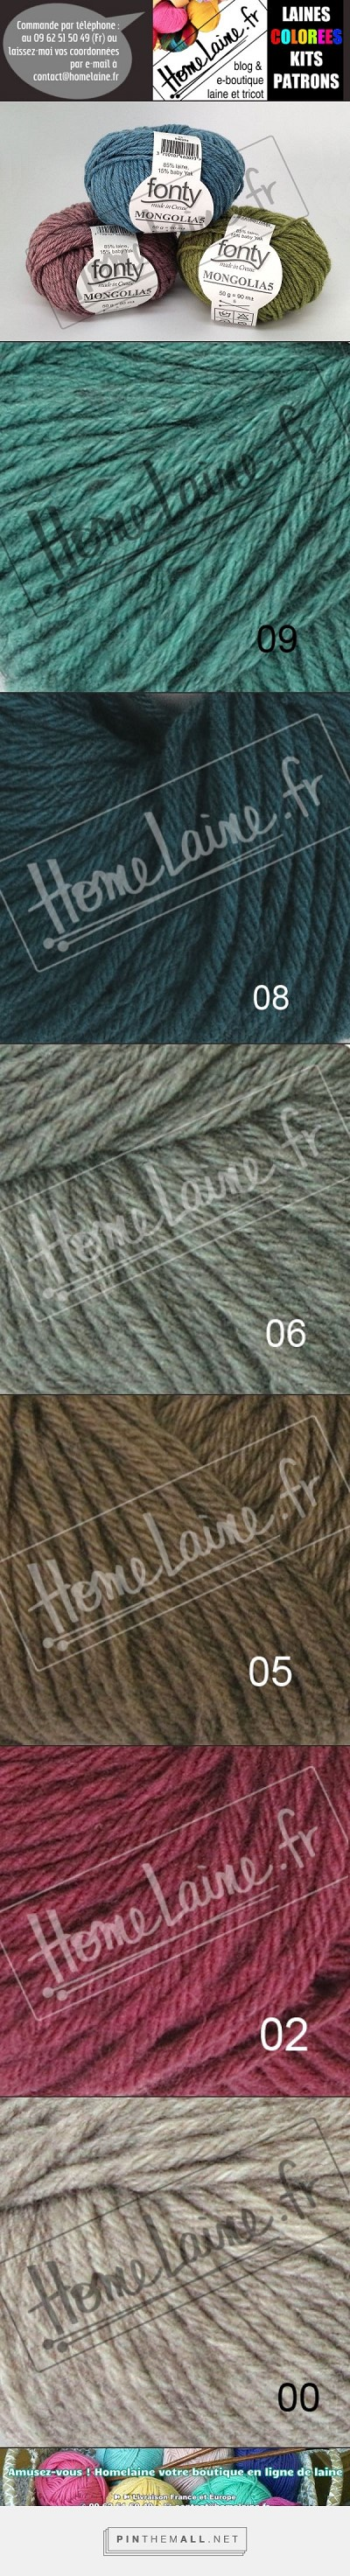 boutique de laine en ligne